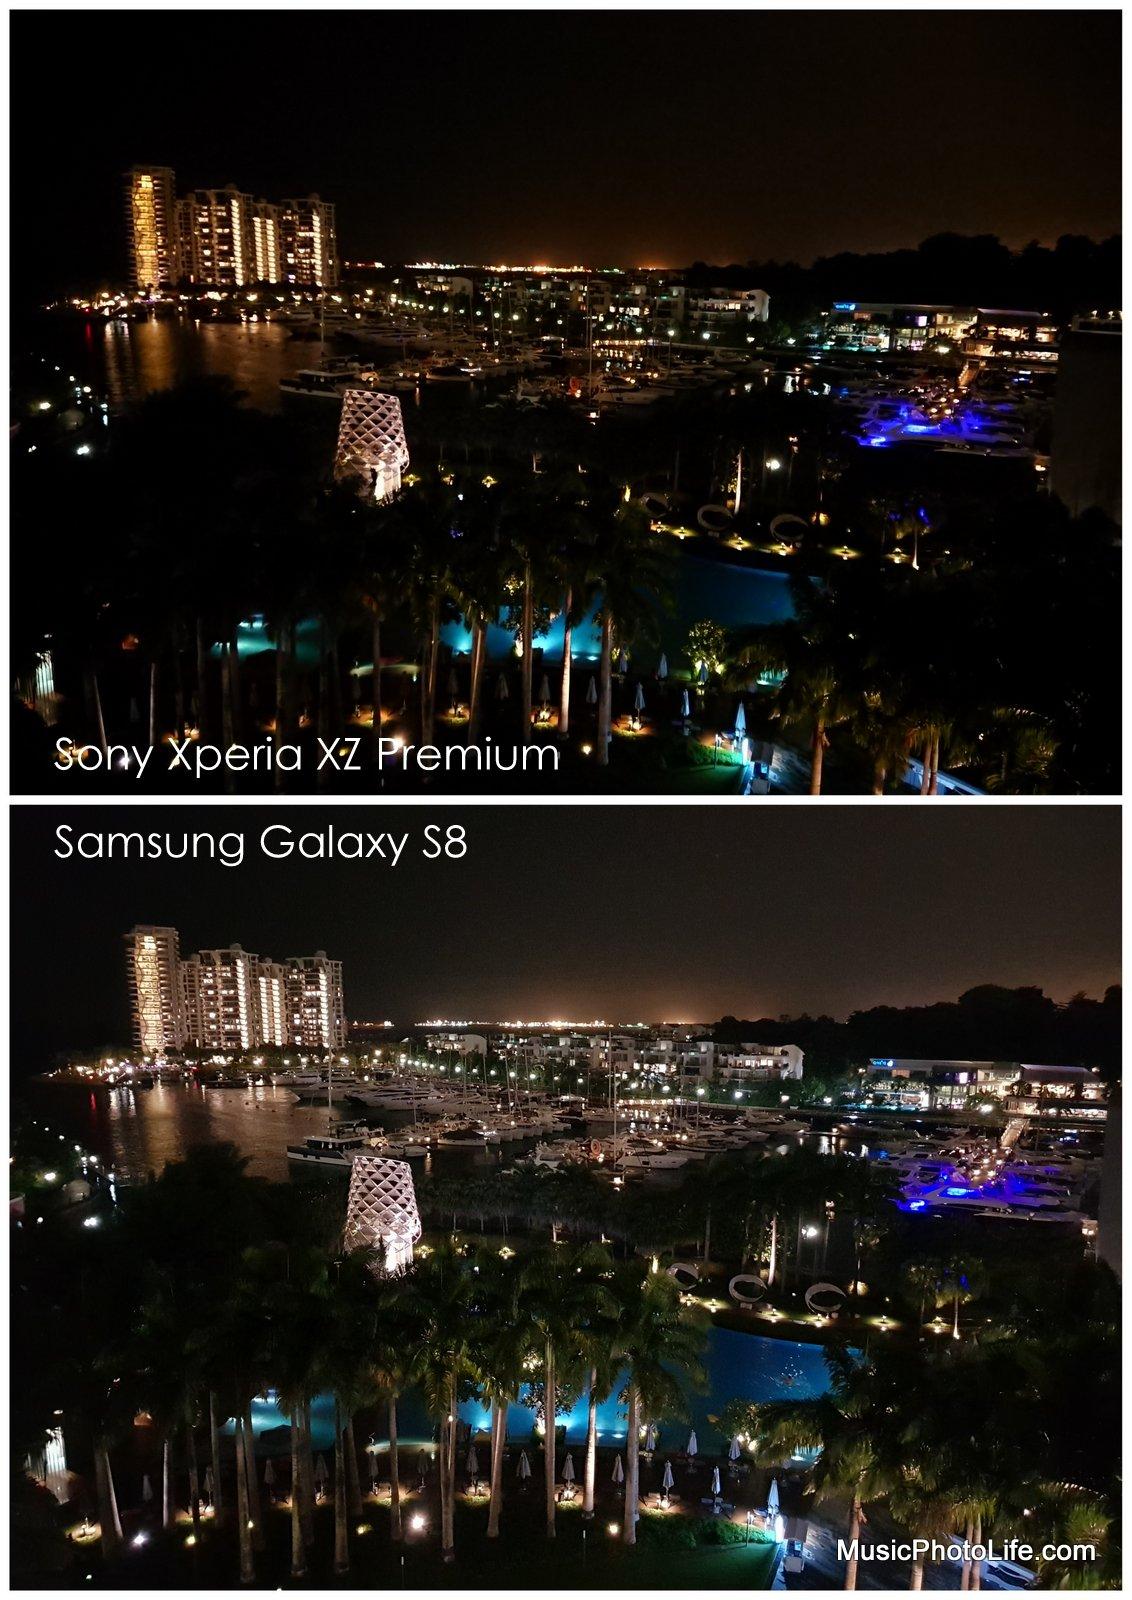 Compare Samsung Galaxy S8, Sony Xperia XZ Premium night scene